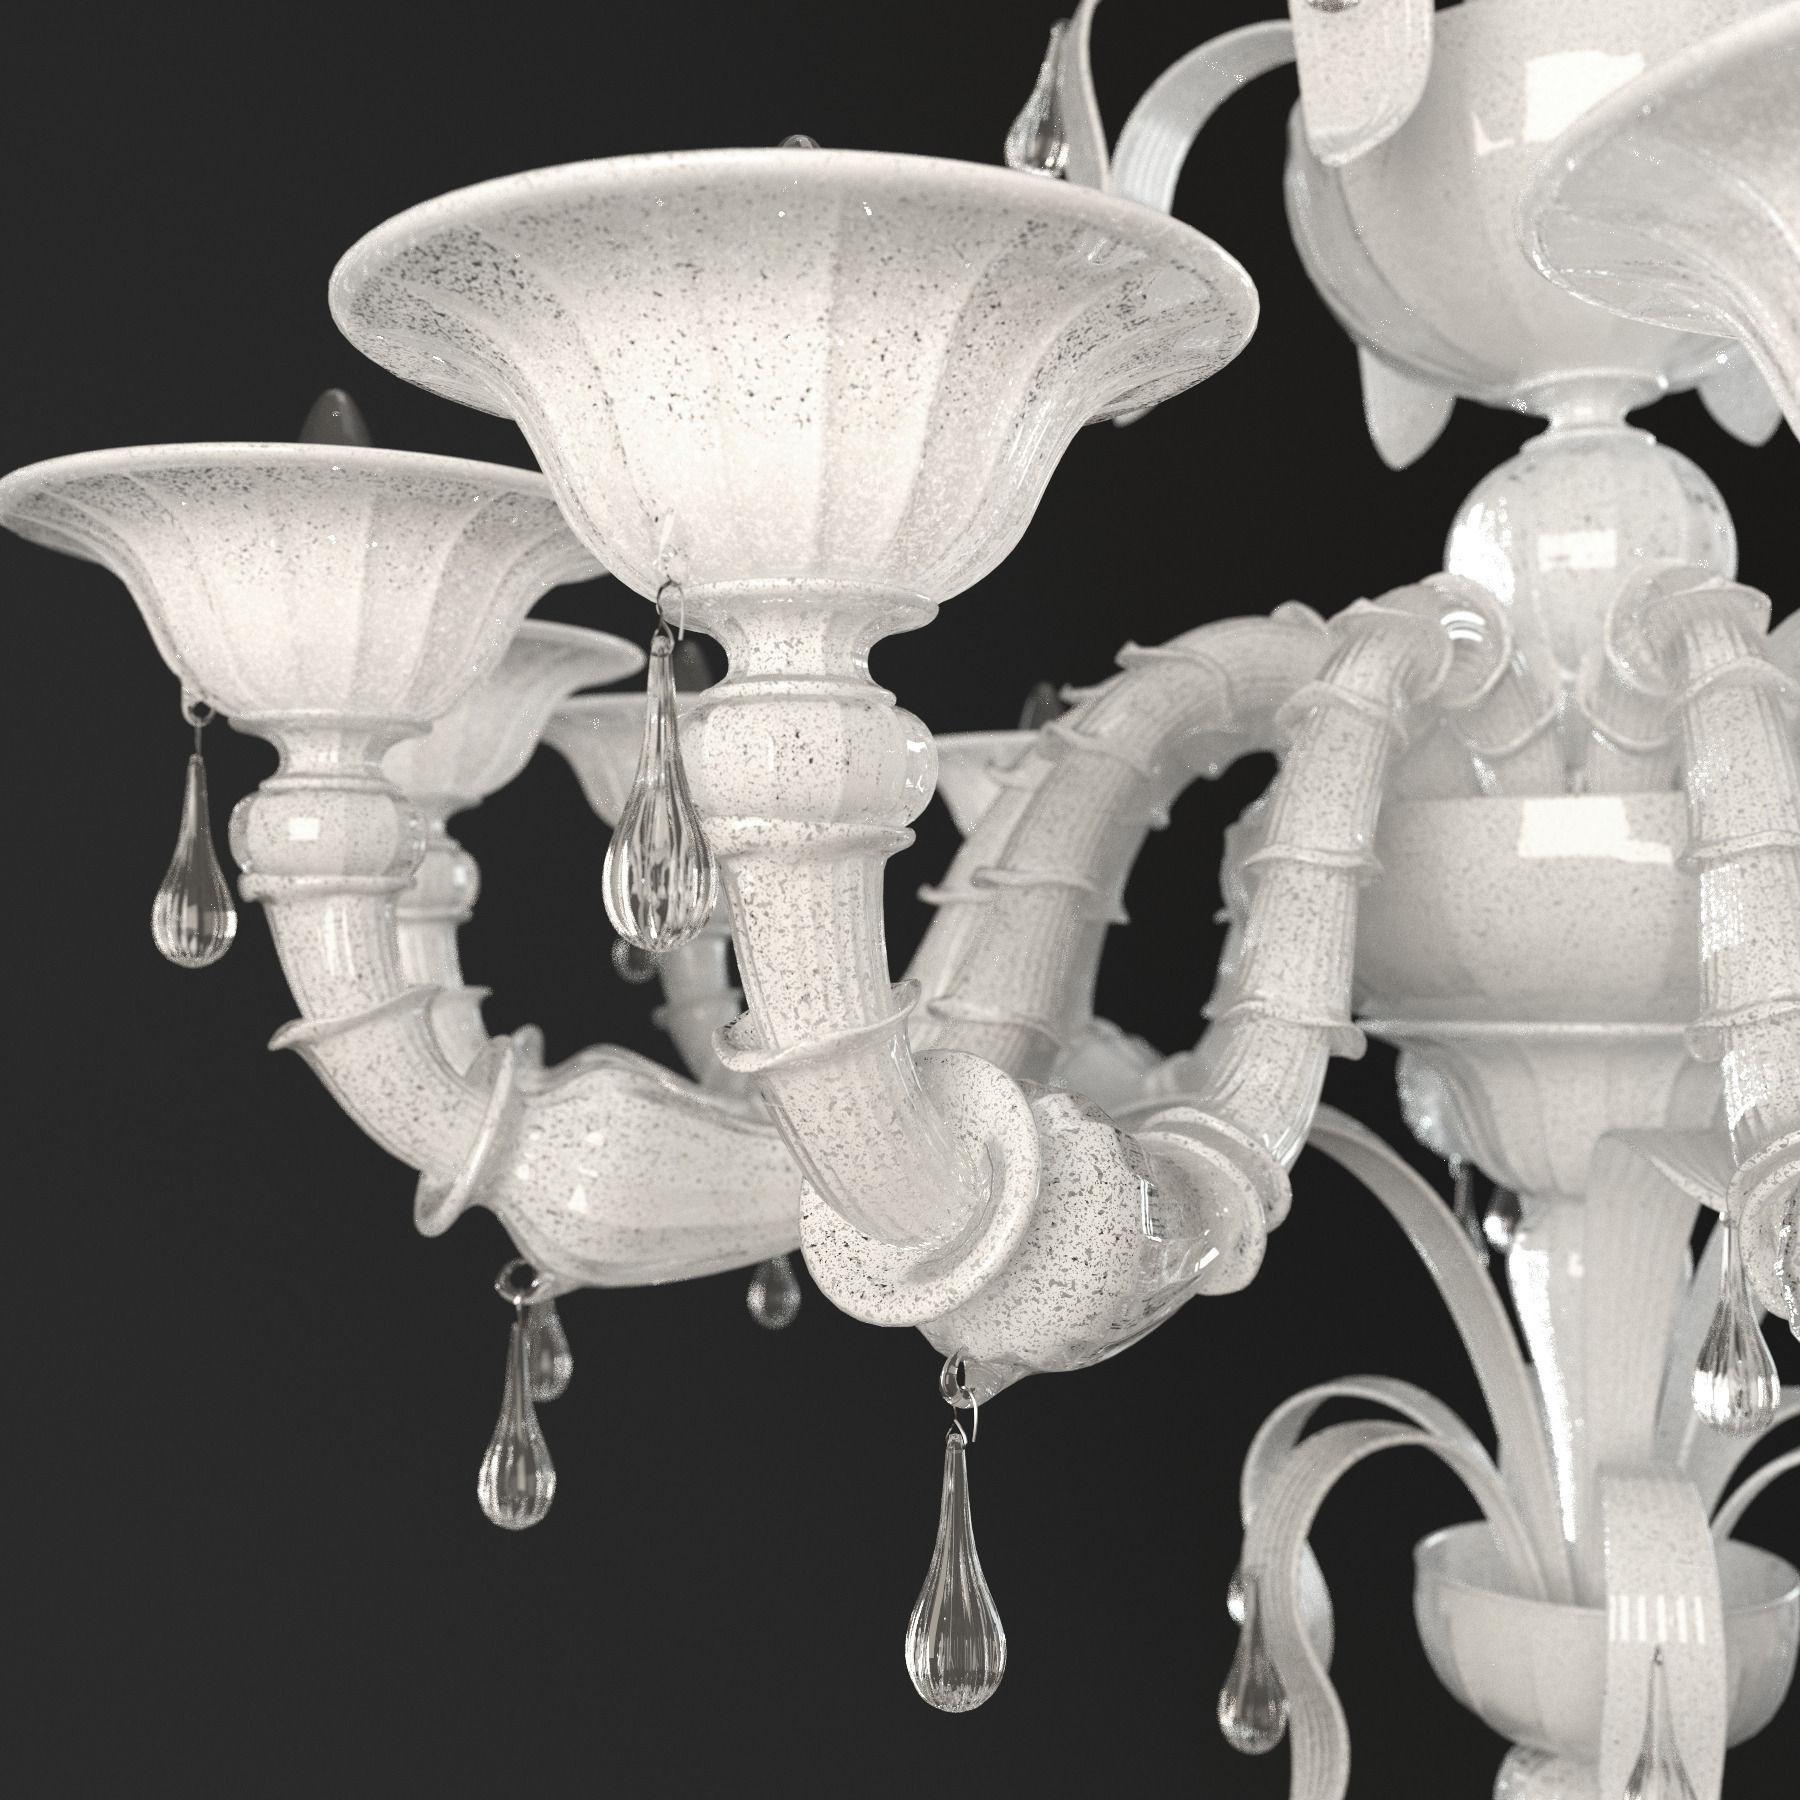 Paradiso white murano glass chandelier 3d model cgtrader paradiso white murano glass chandelier 3d model max obj mtl 3 aloadofball Choice Image